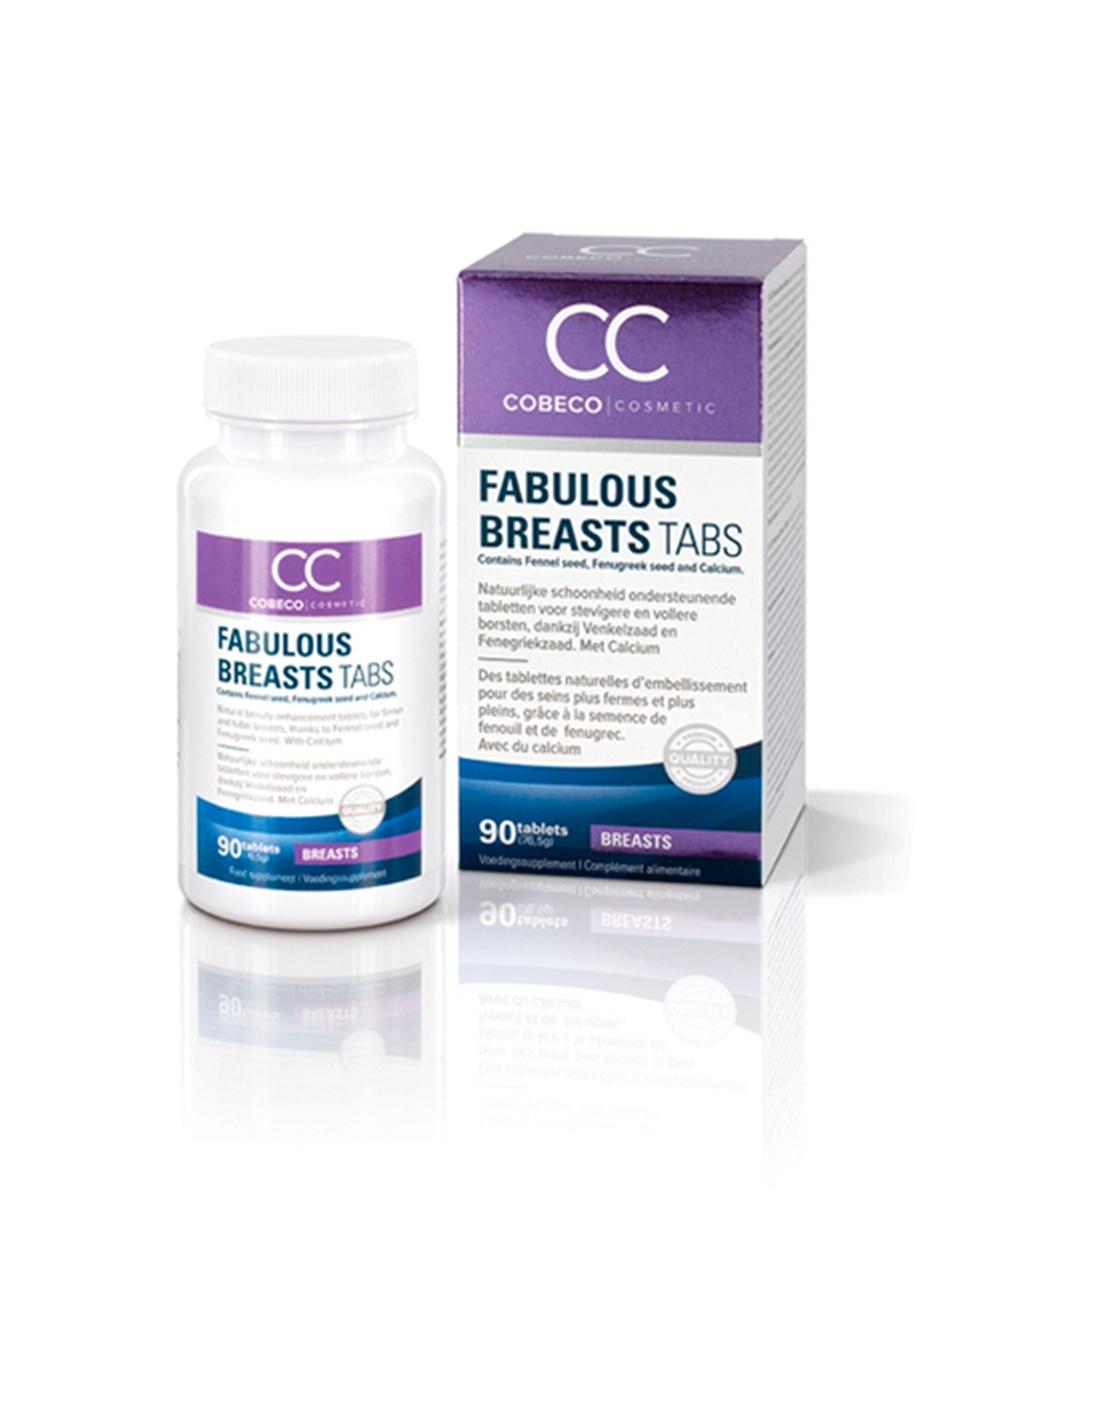 Comprimidos Cc Fabulous Breasts Tablets - PR2010304057